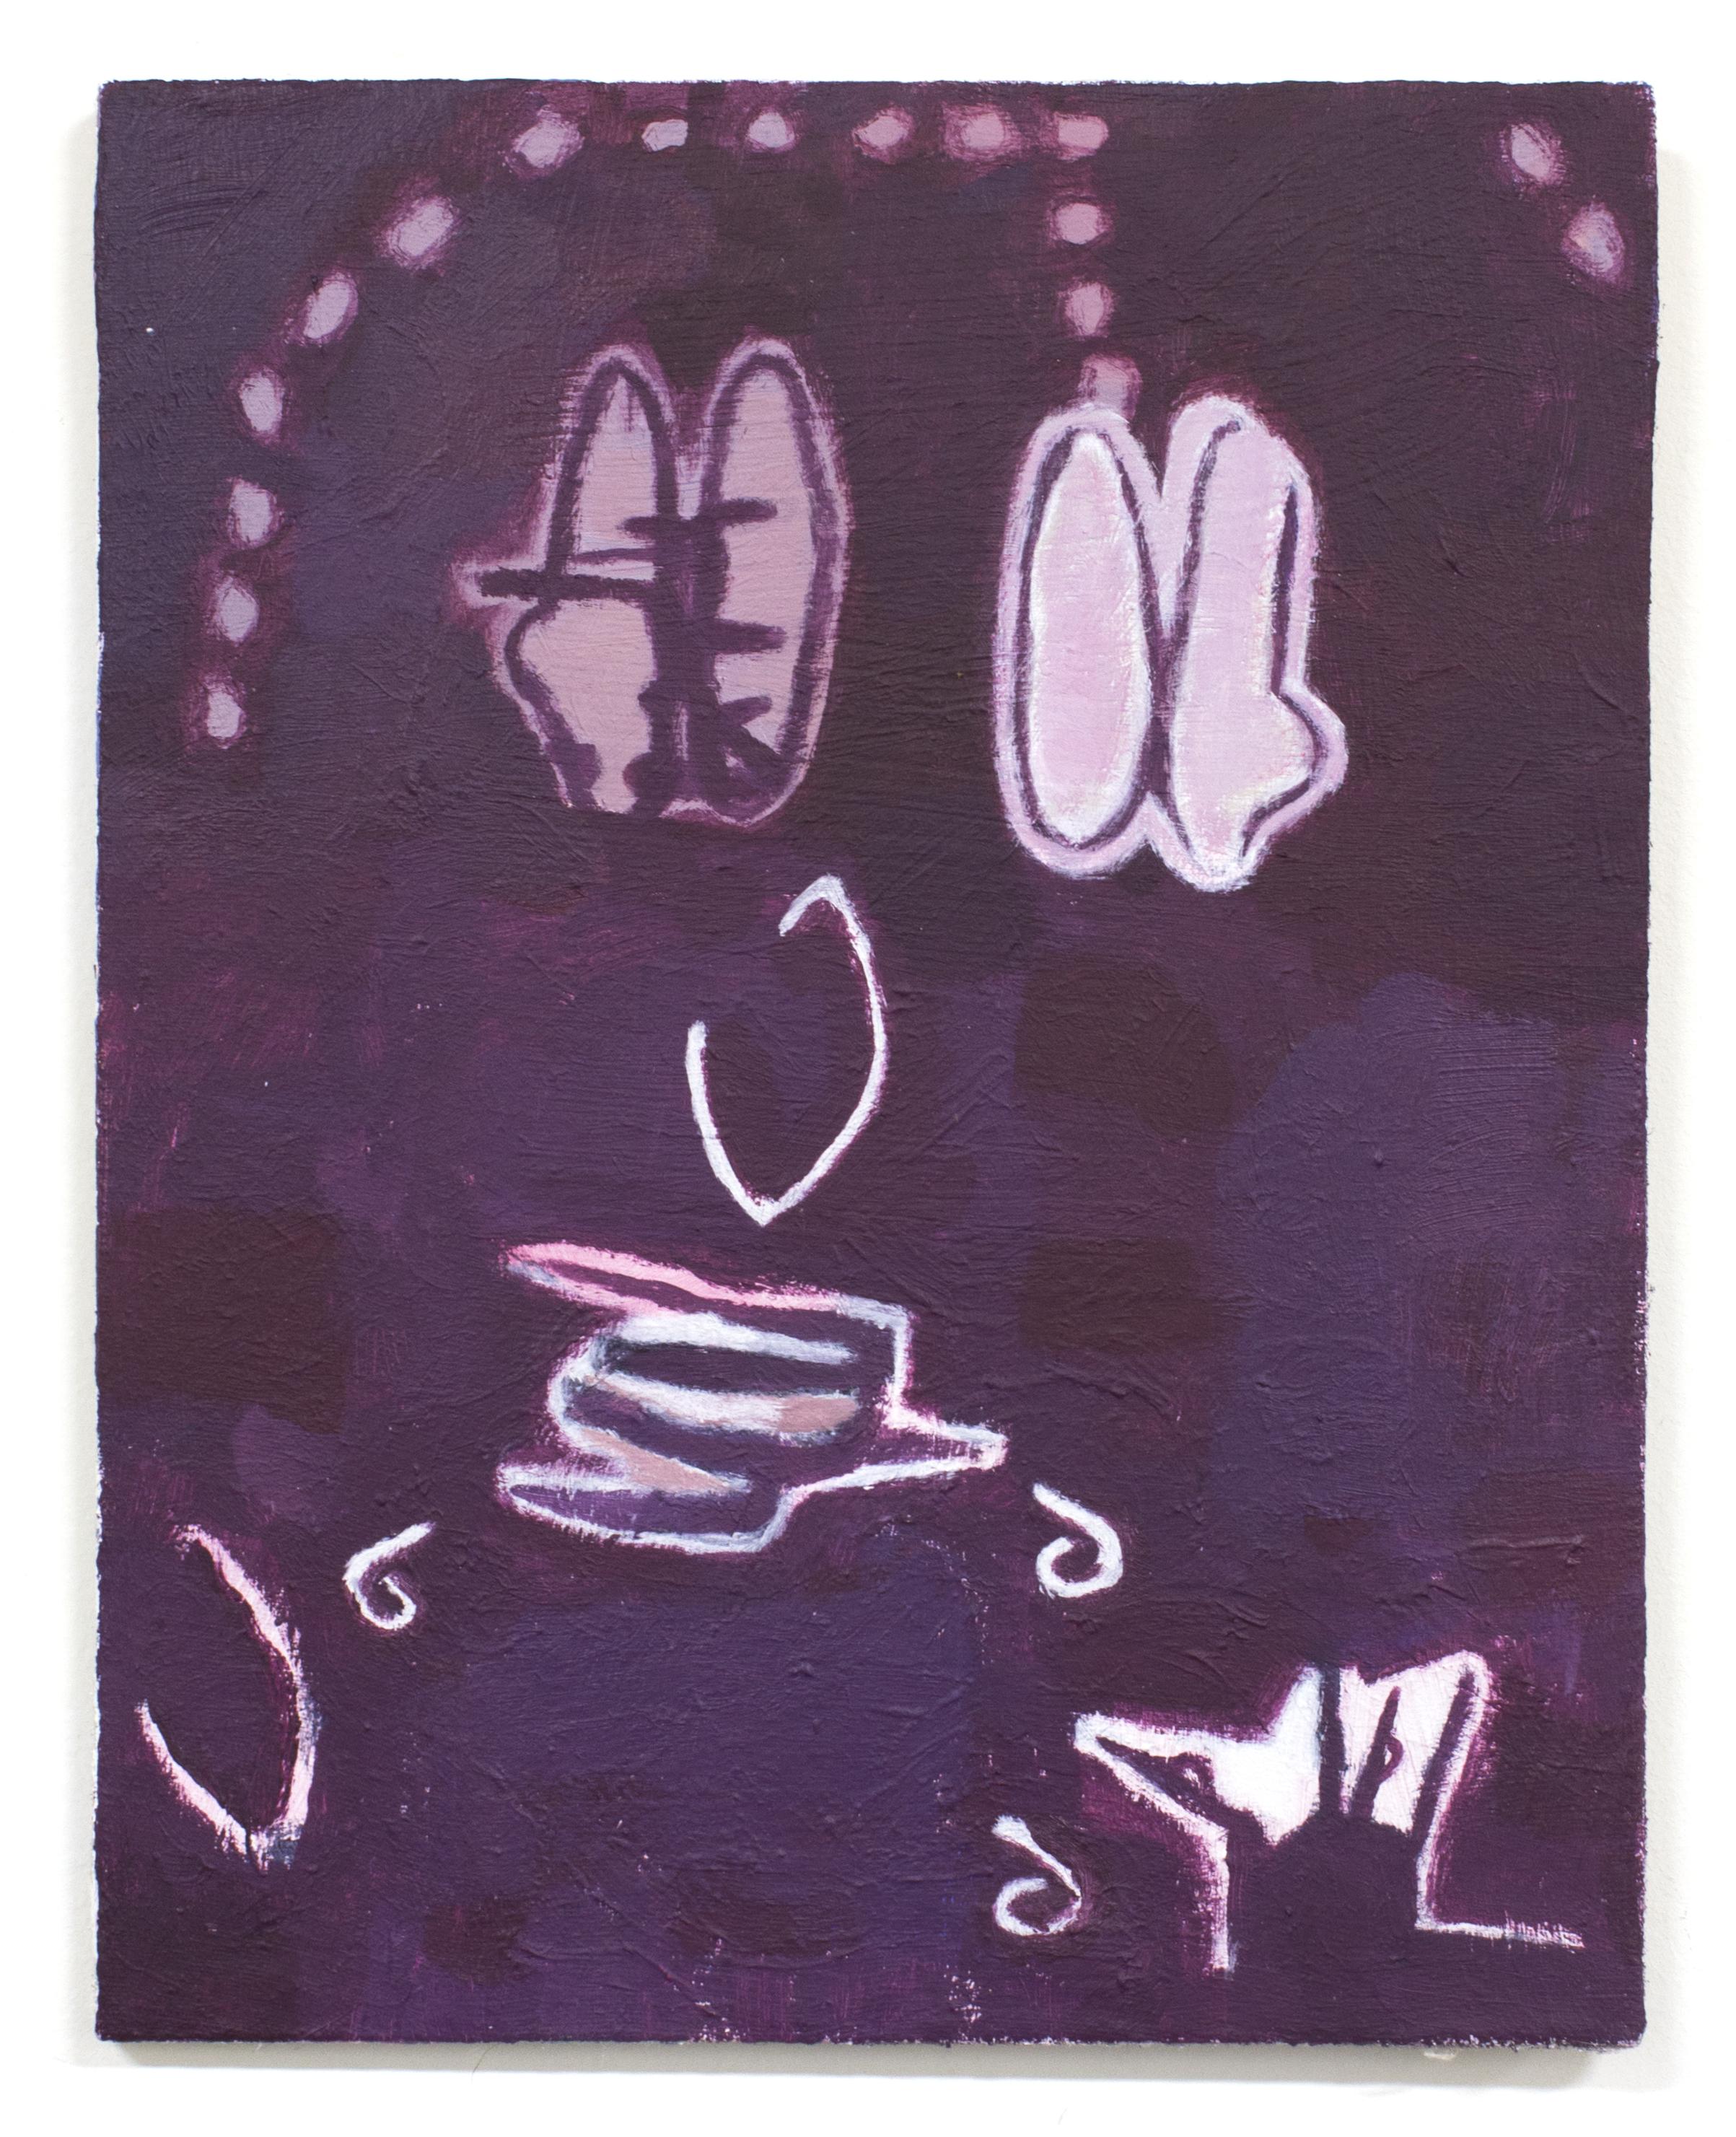 paul j mckee painting.jpg